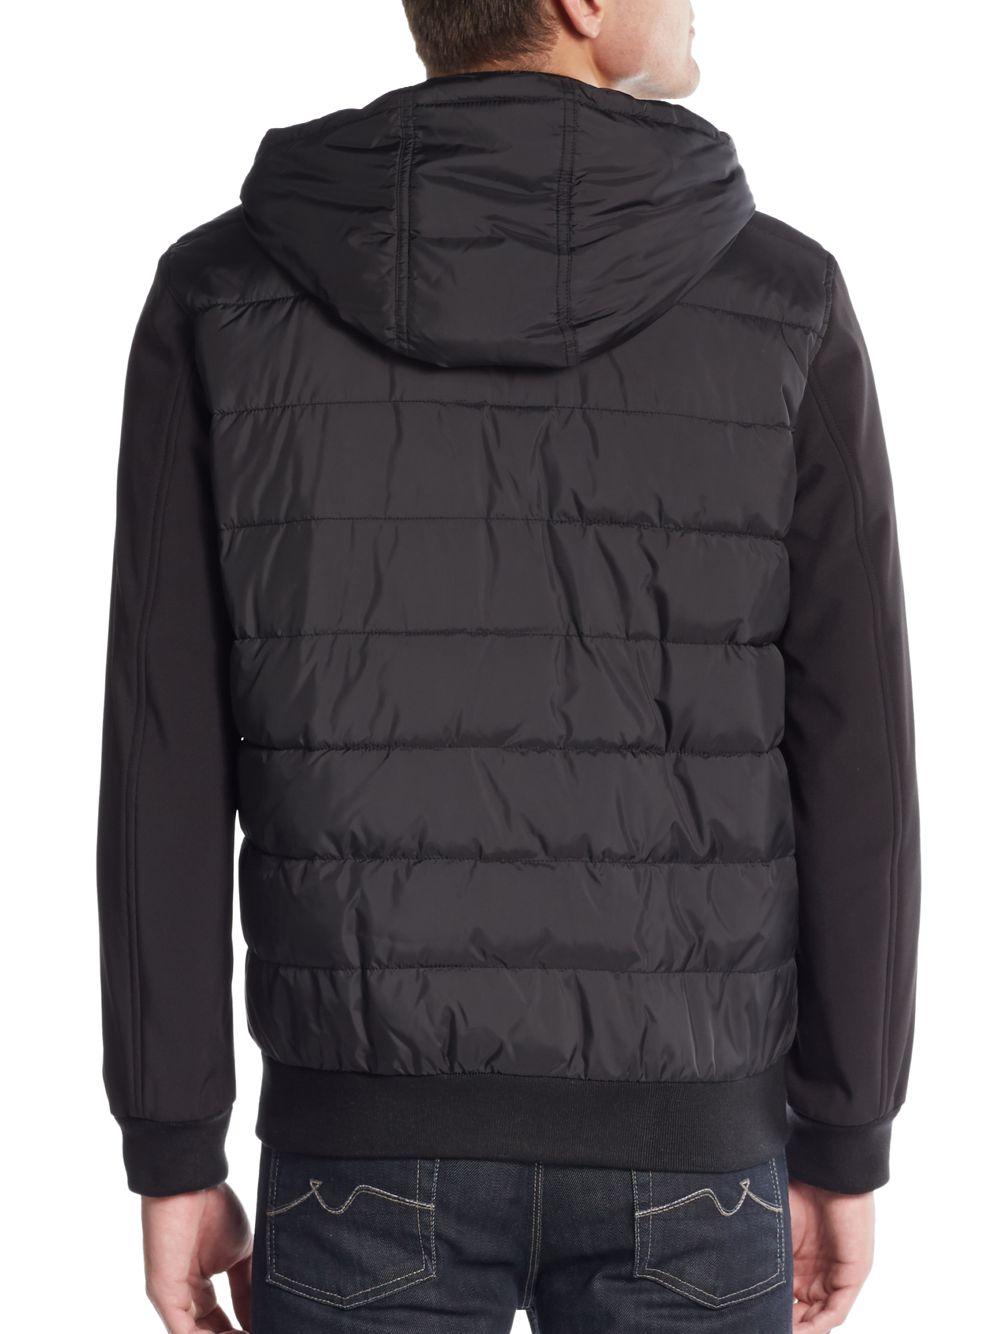 Macy S Bomber Jacket